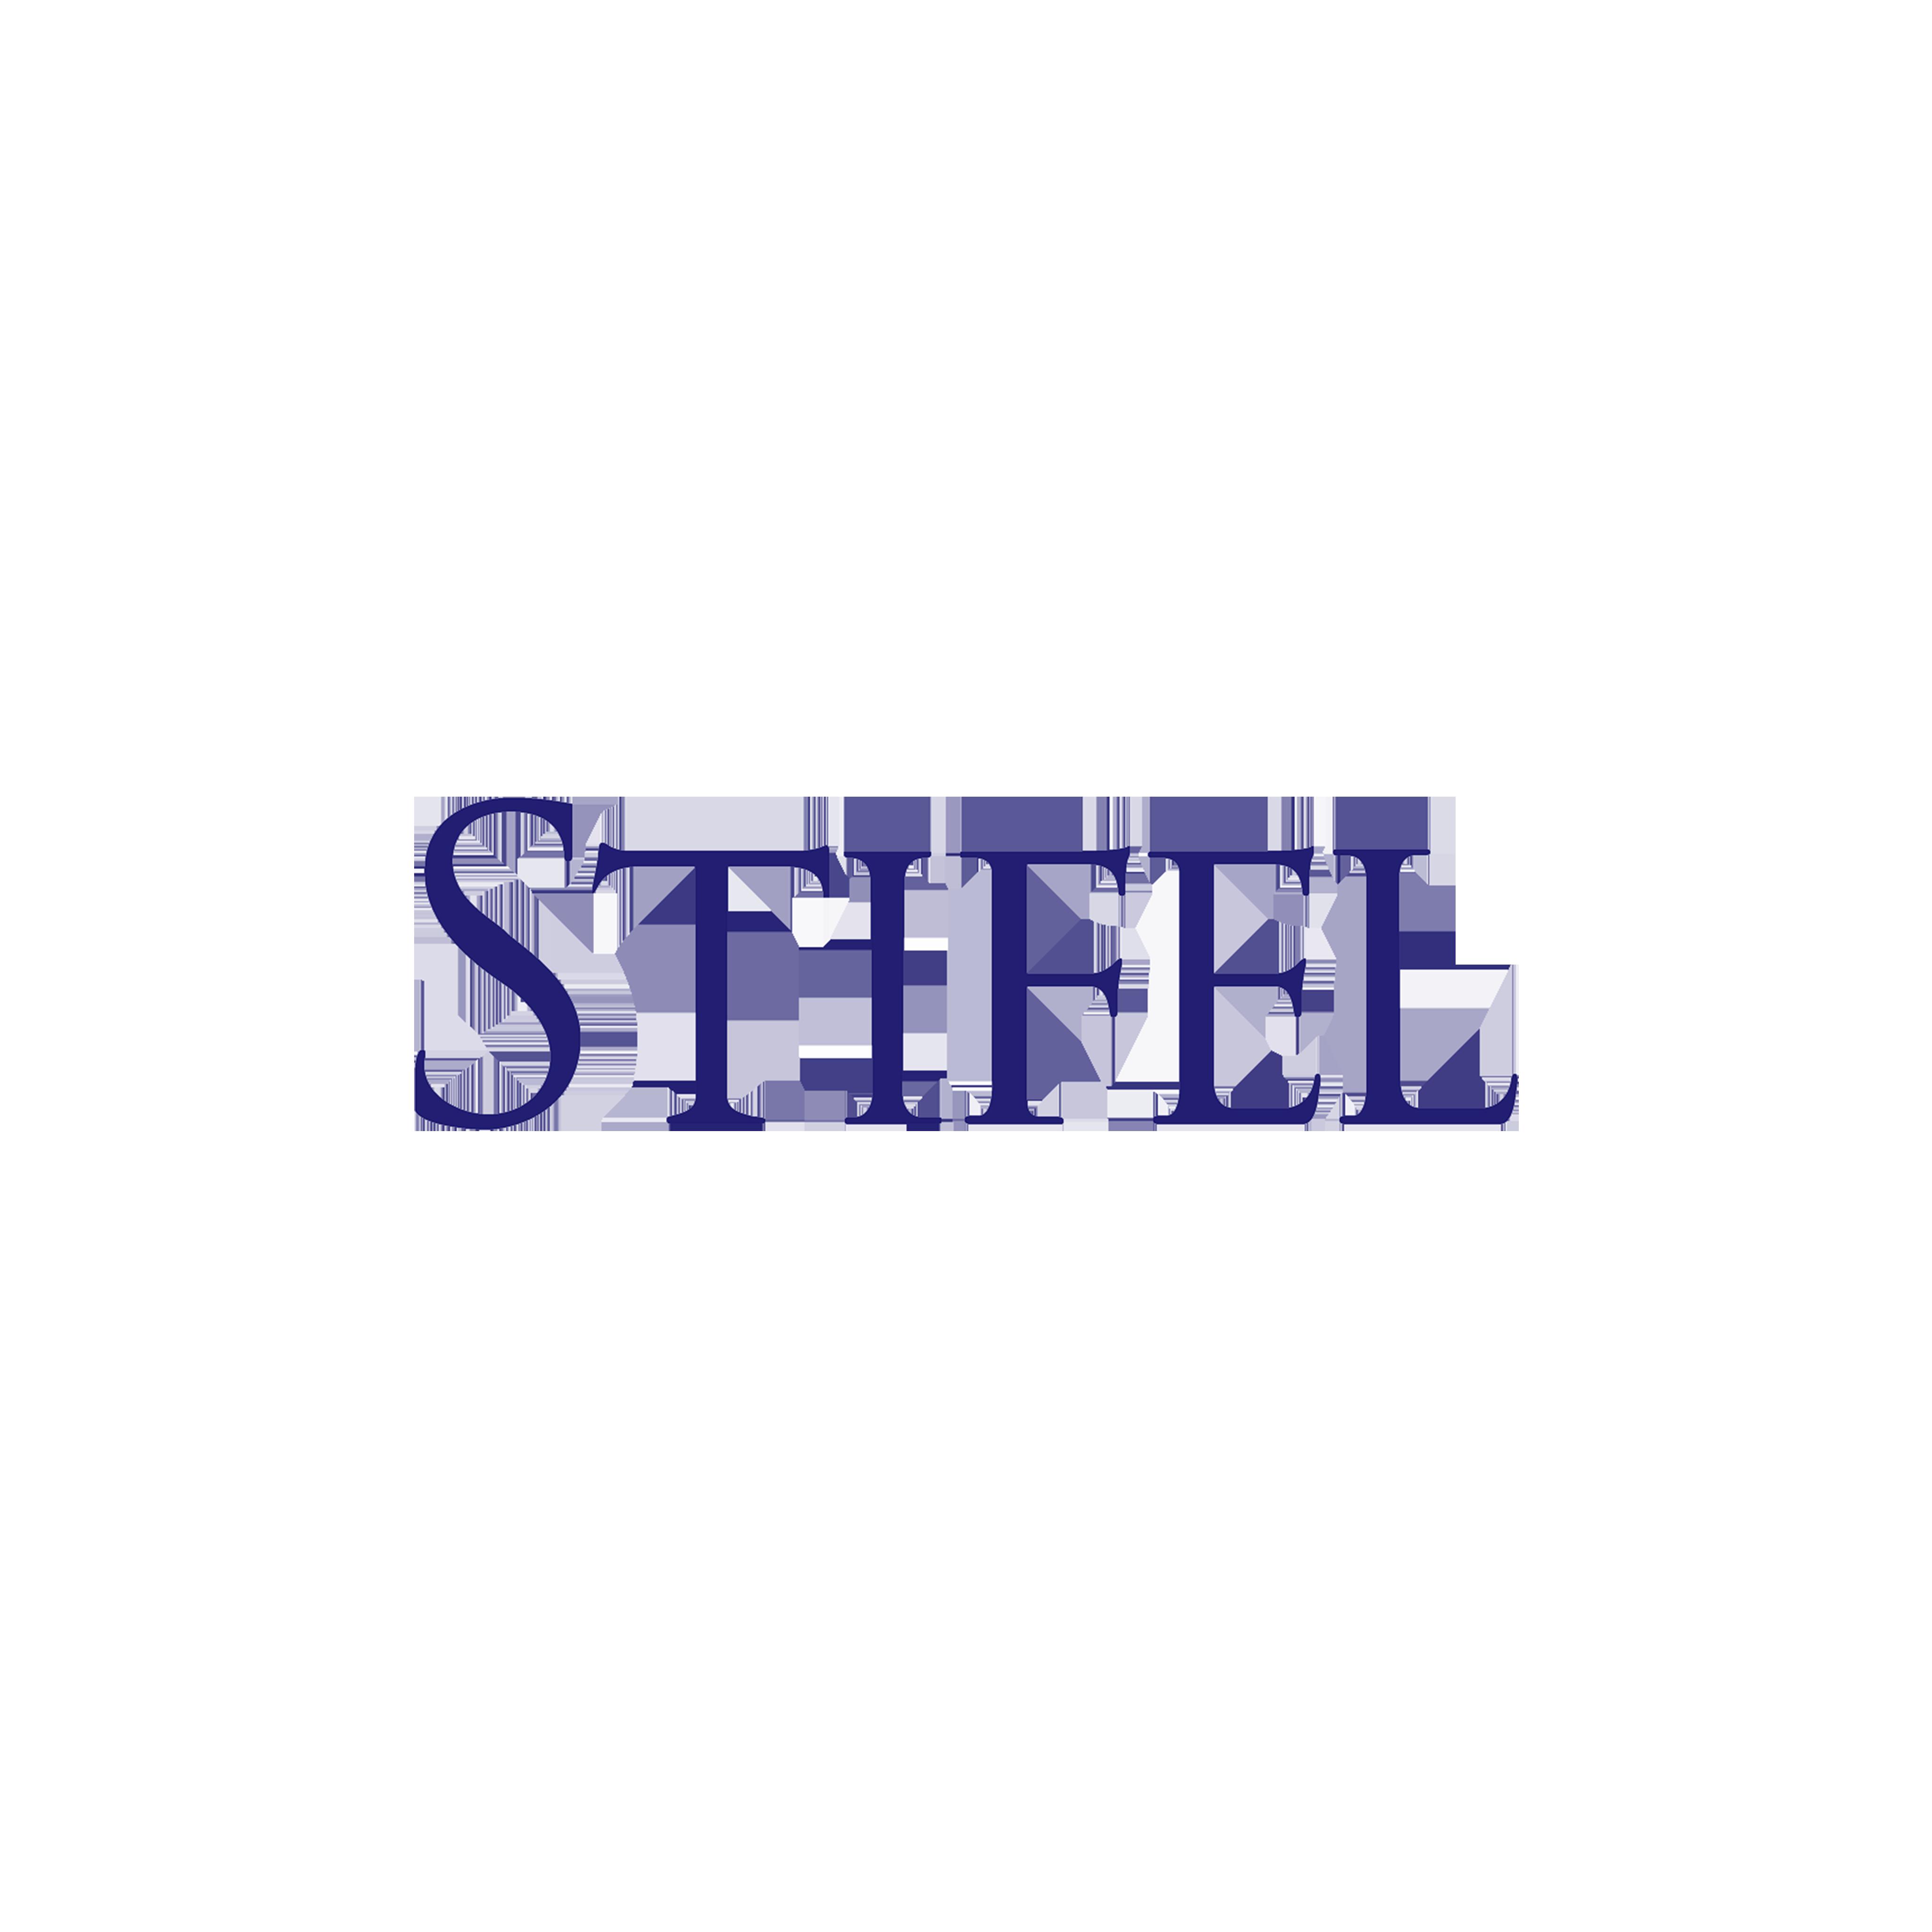 Gresham-Customer-Logos_0001_Stifel